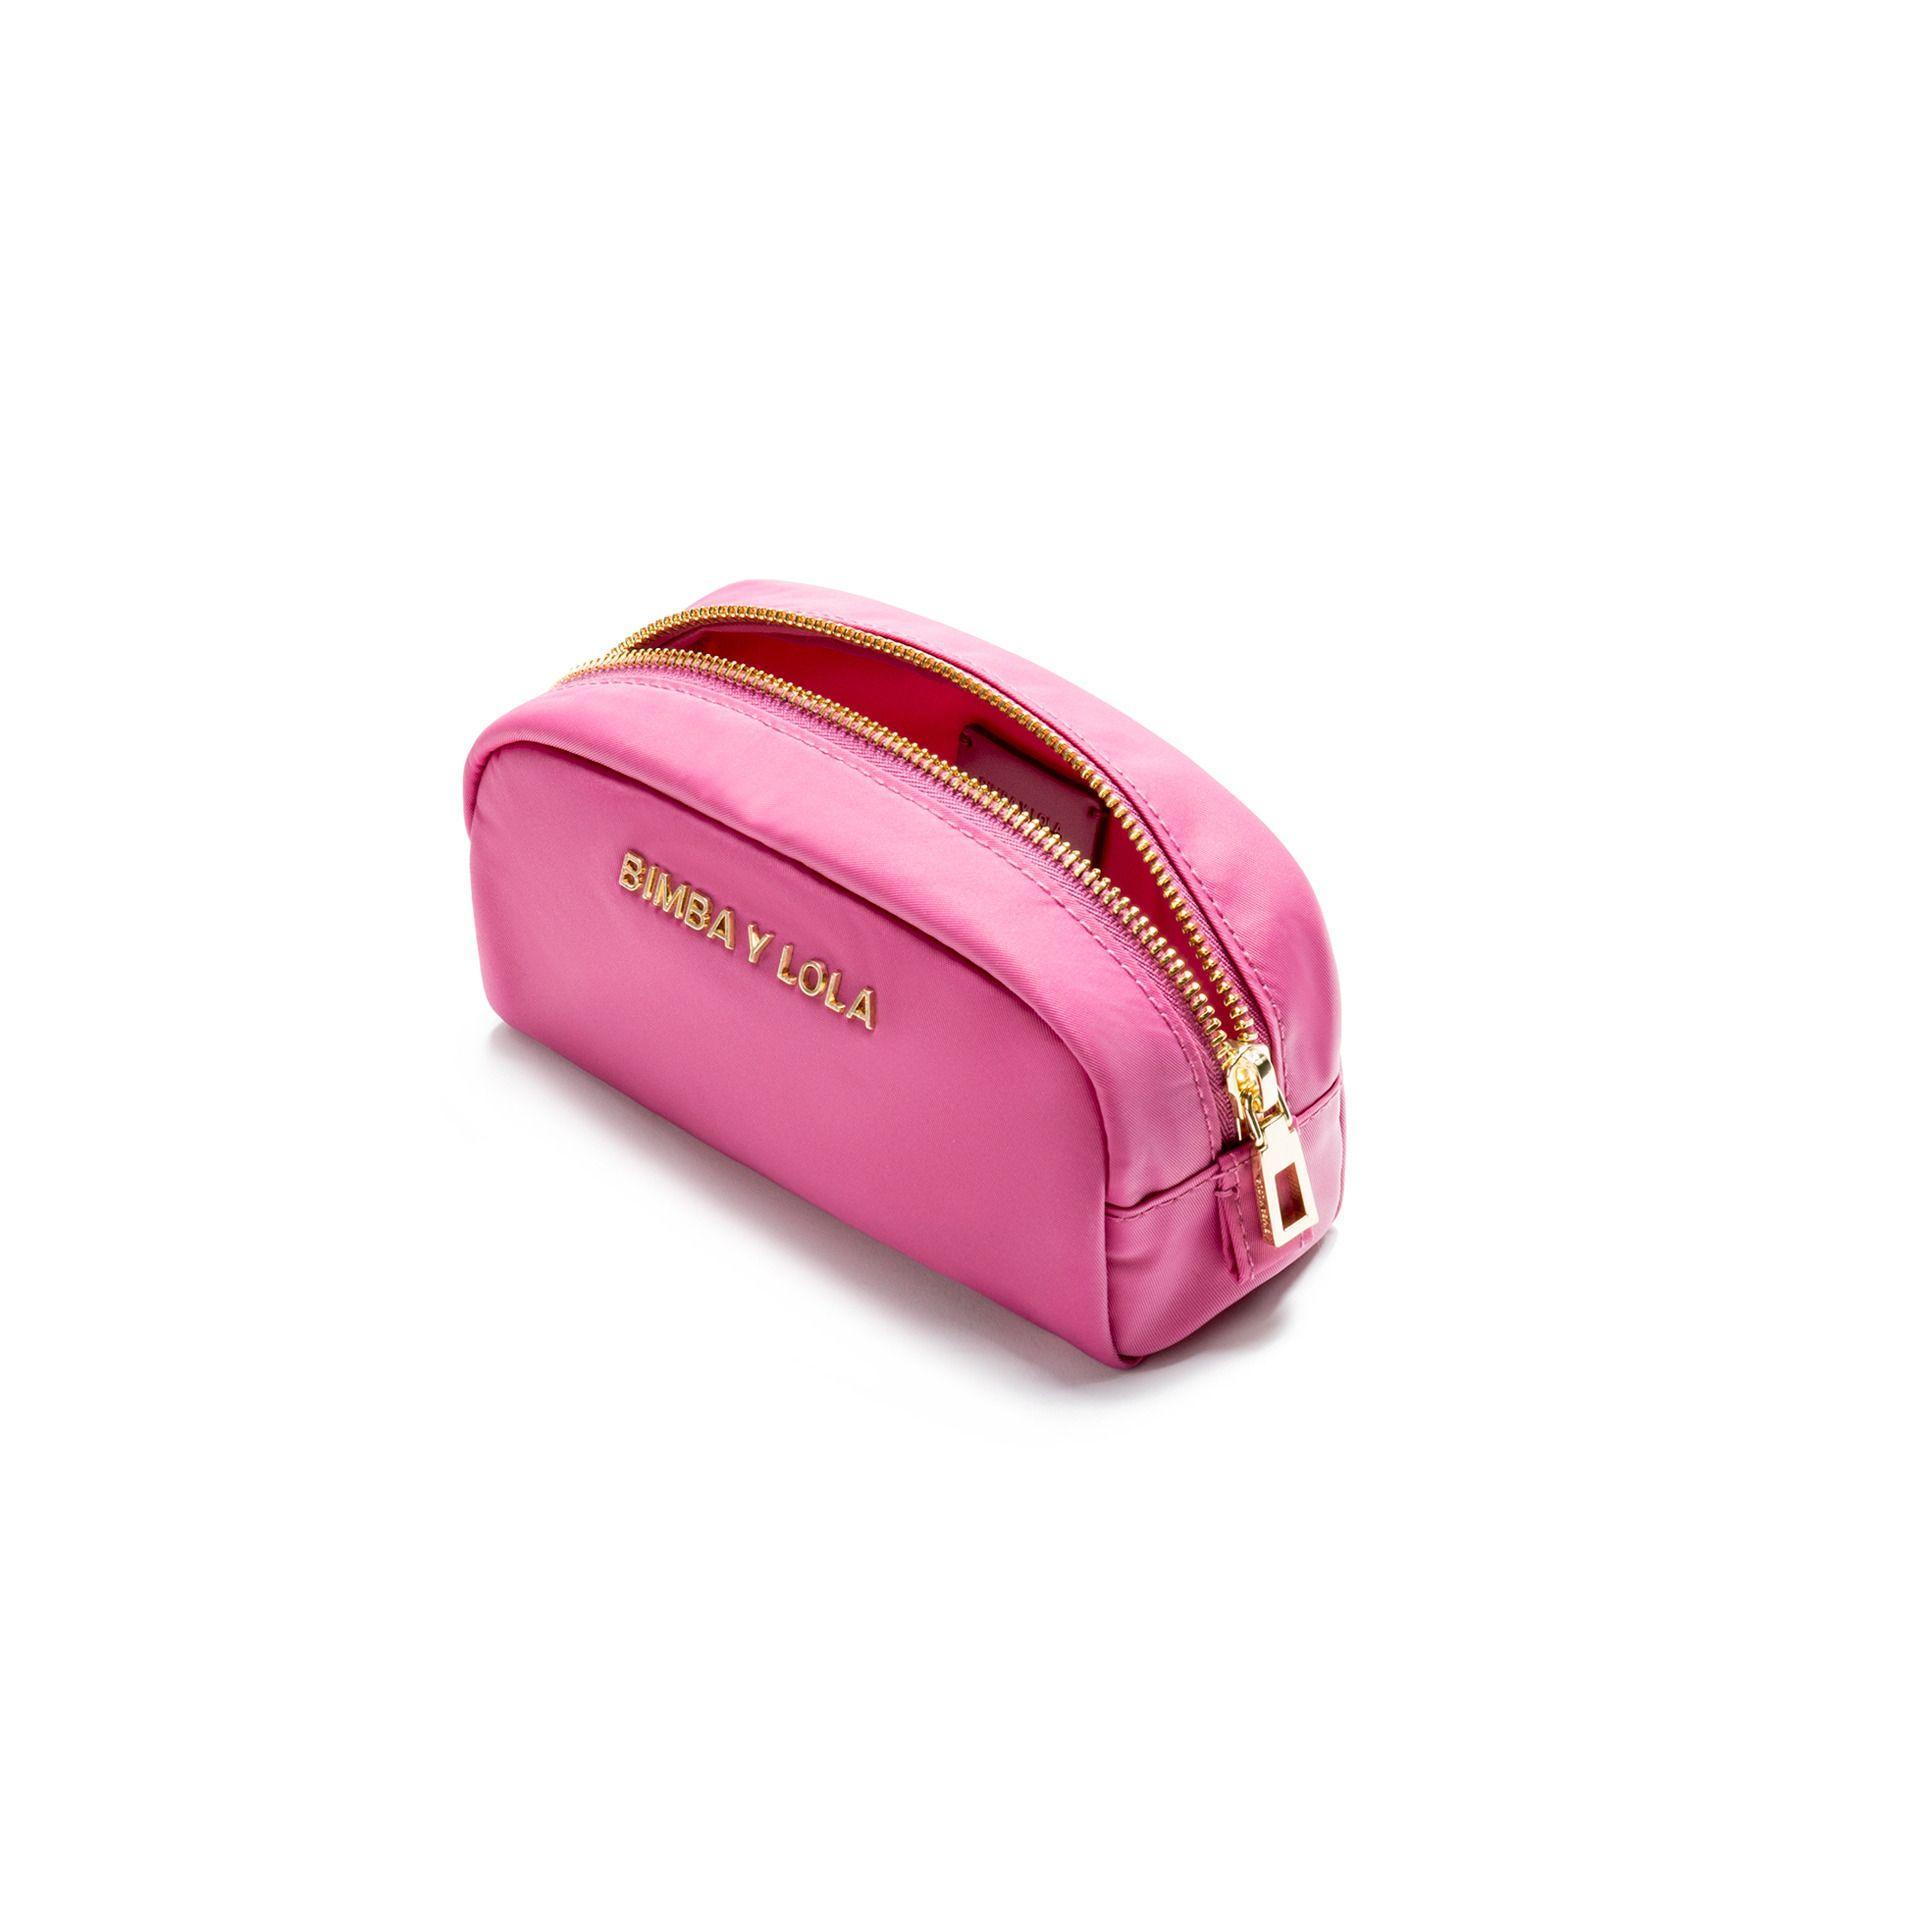 6248e60e3 Neceser ovalado BIMBA Y LOLA en color rosa eléctrico. Pertenece a la  Olympia Collection, una colección de tejido técnico que se renueva esta  temporada en ...